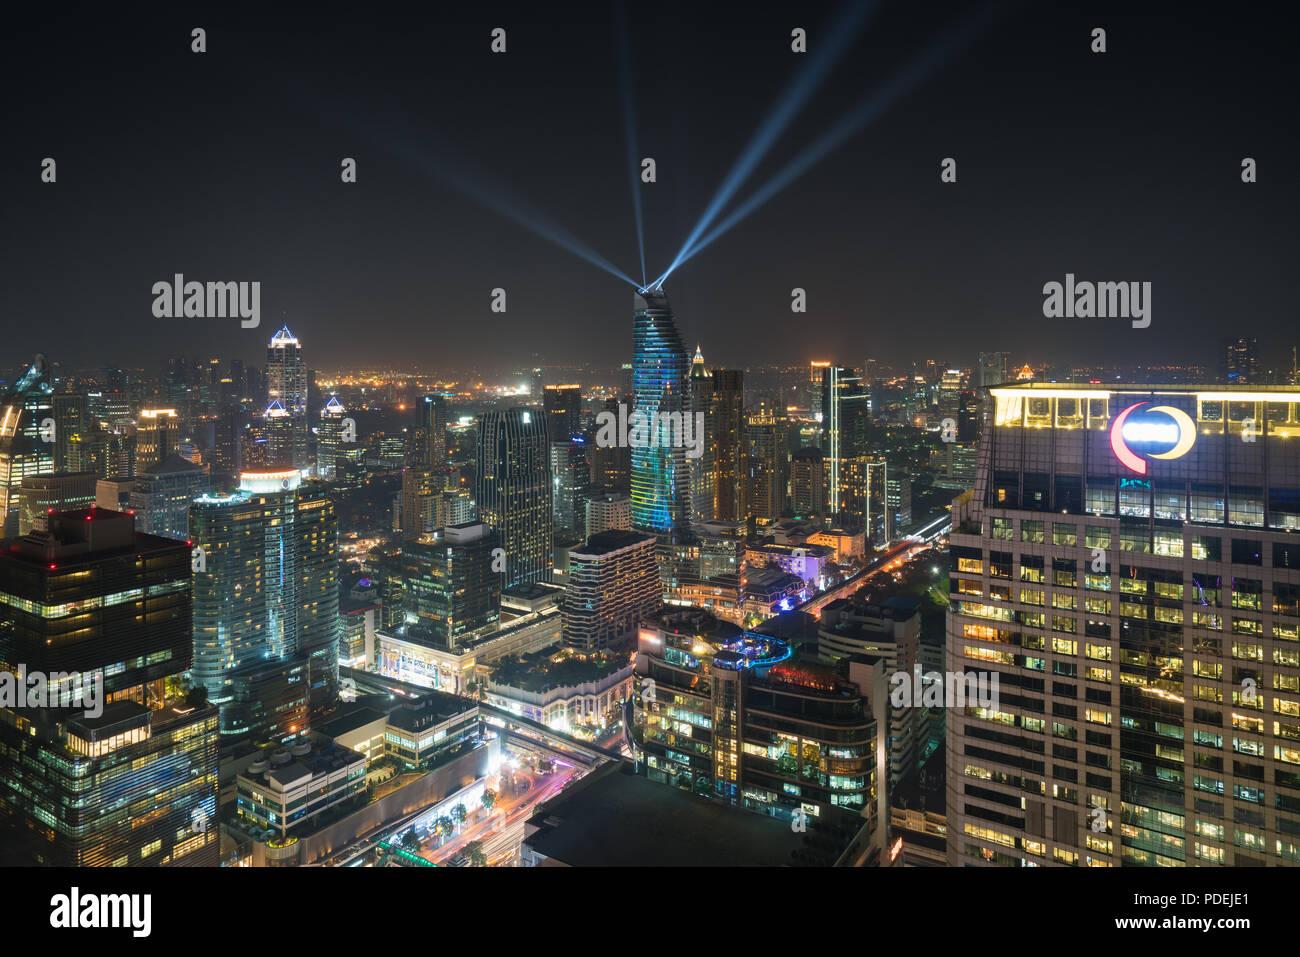 Nacht Ansicht mit Wolkenkratzer im Geschäftsviertel in Bangkok, Thailand. Lichtshow in Magnolien Ratchaprasong in Bangkok, Thailand. Stockbild